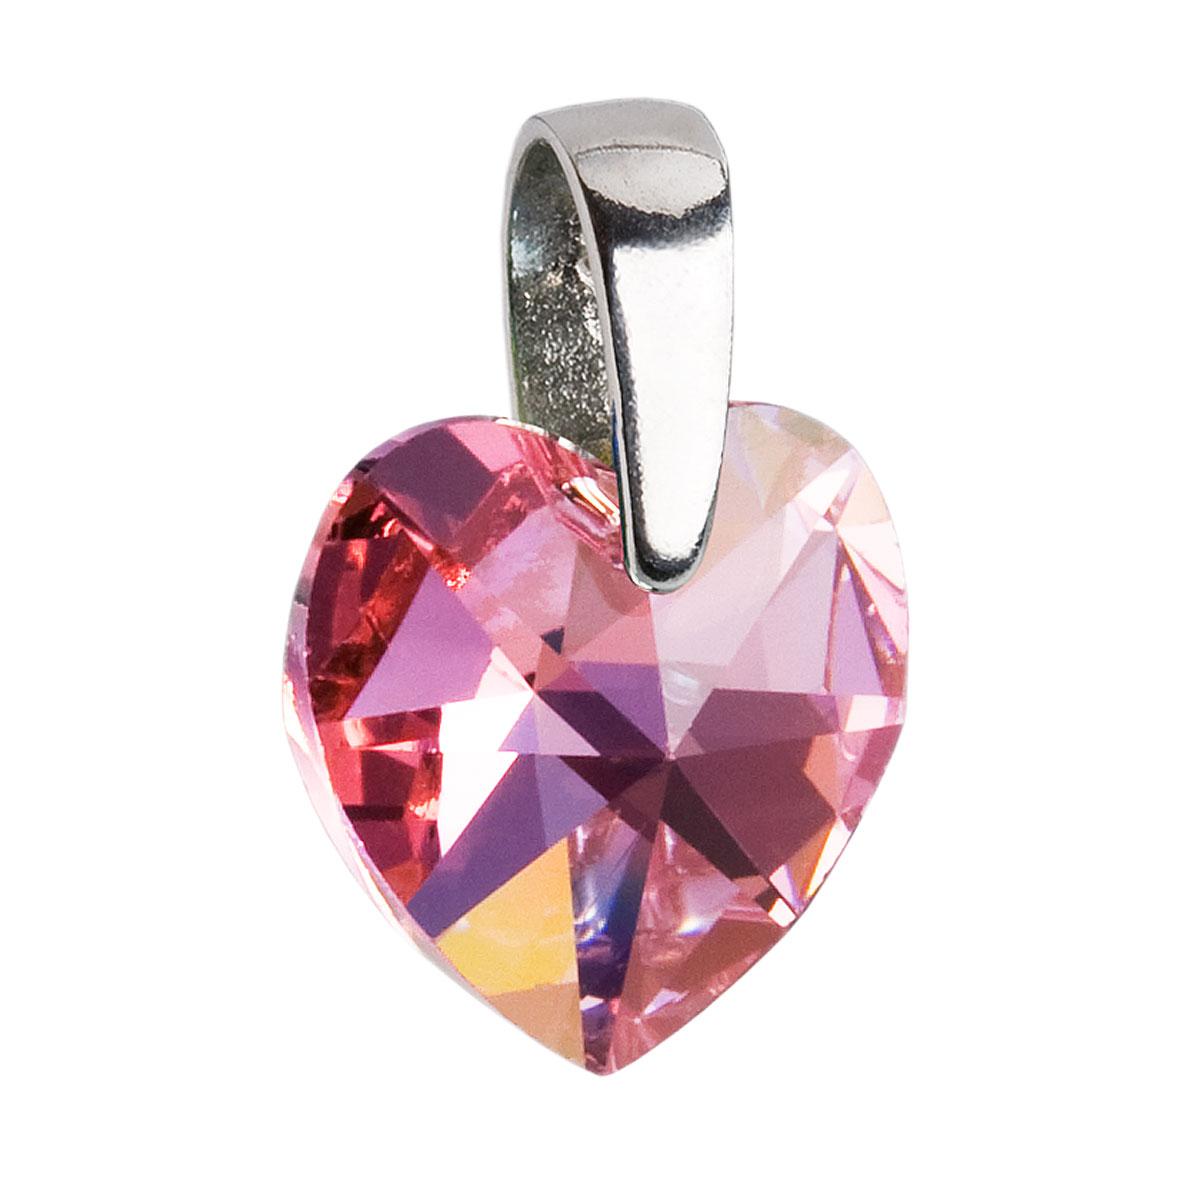 Evolution Group Stříbrný přívěsek s krystaly Swarovski AB efekt růžové srdce 34003.4